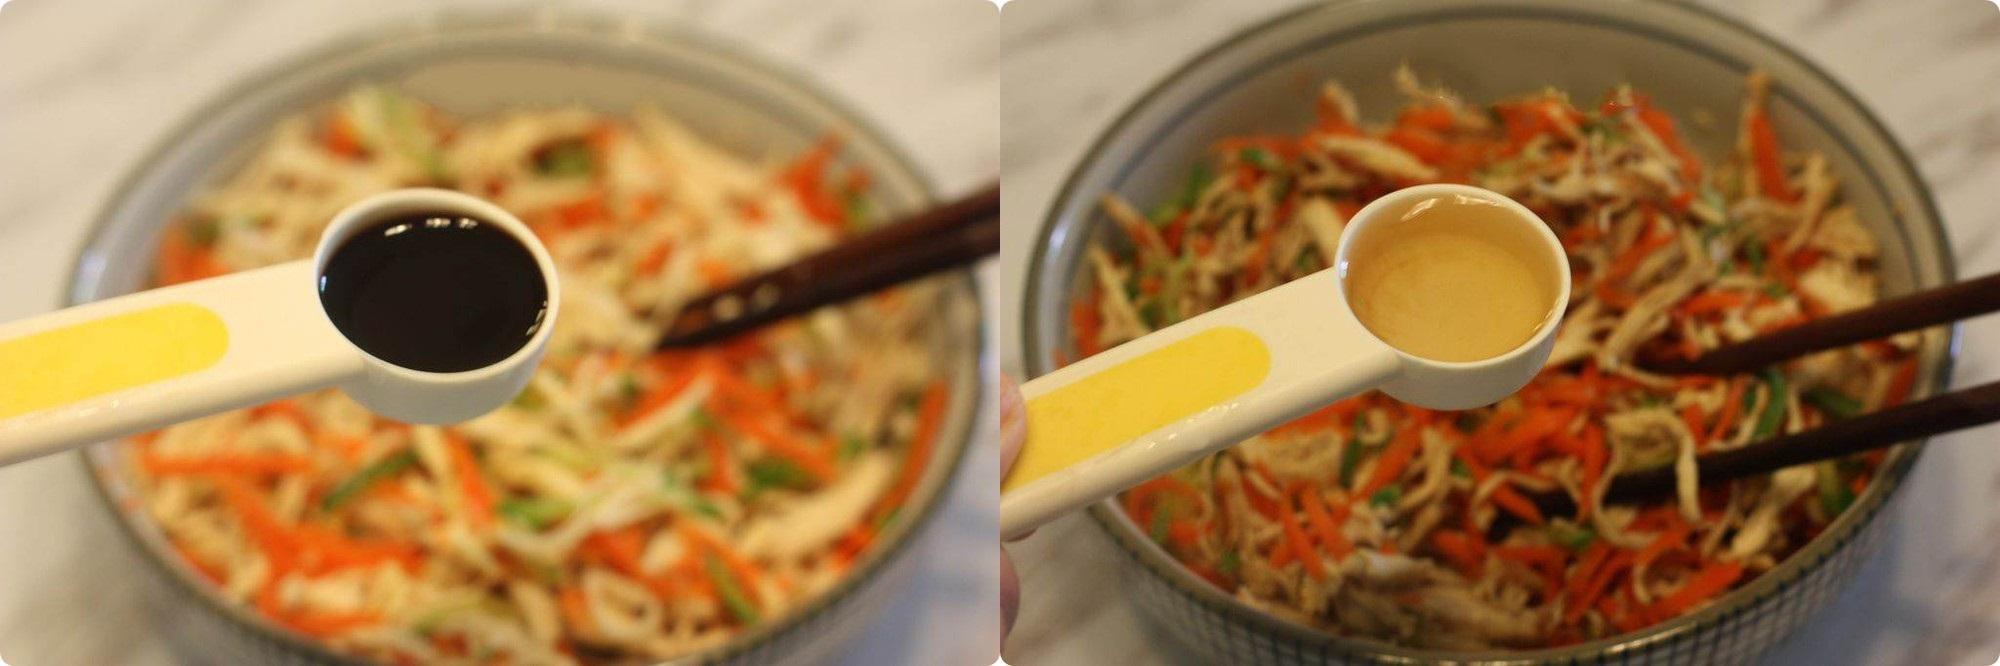 Tận dụng gà cúng giao thừa làm salad gà trộn - món ngon chống ngán ngày Tết - Ảnh 2